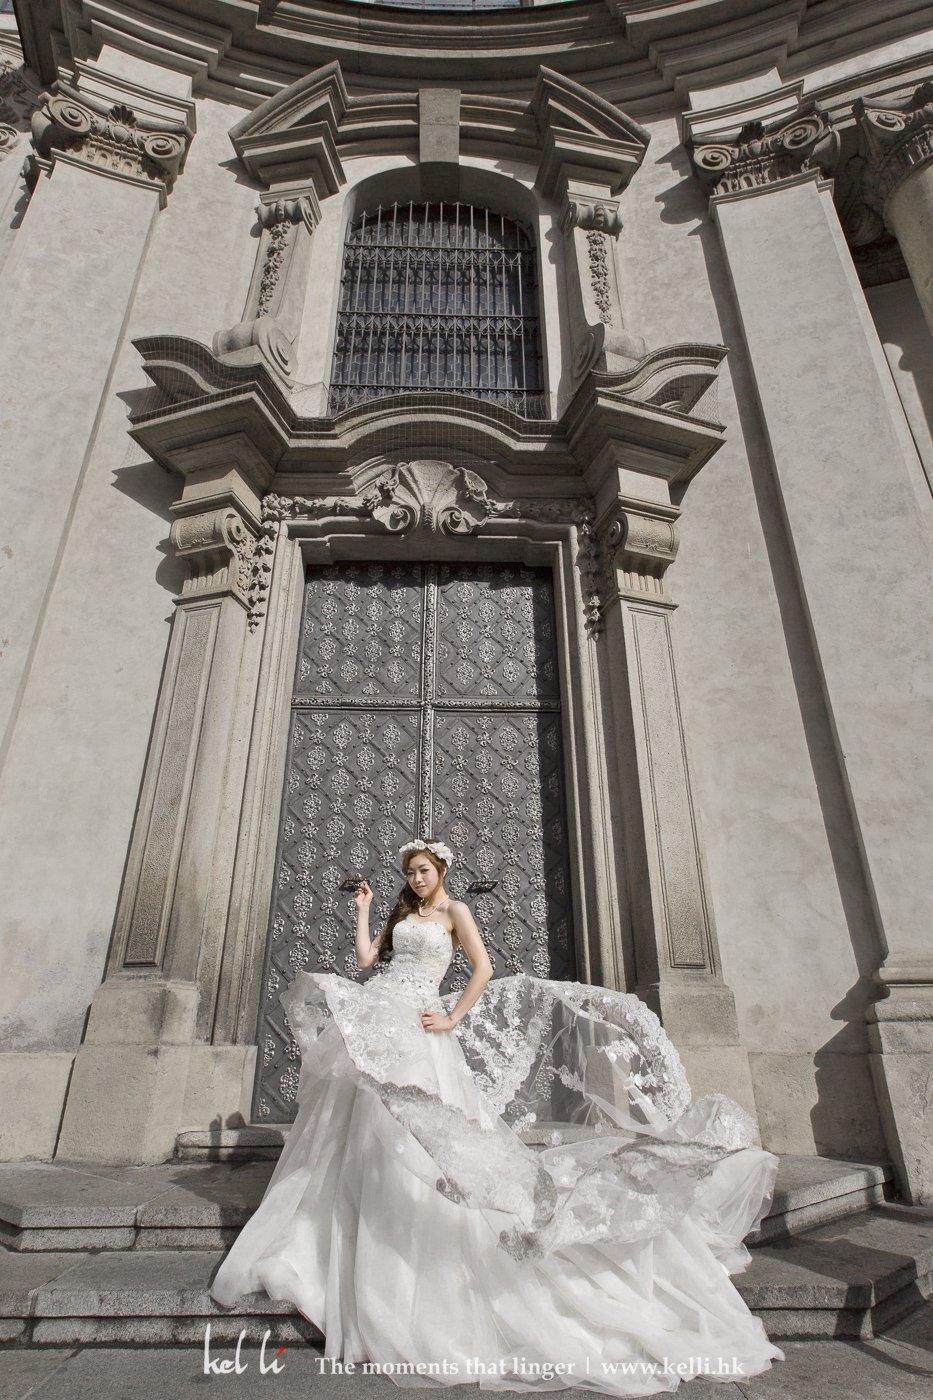 宏伟建筑配美女, 这张婚纱照都很不错